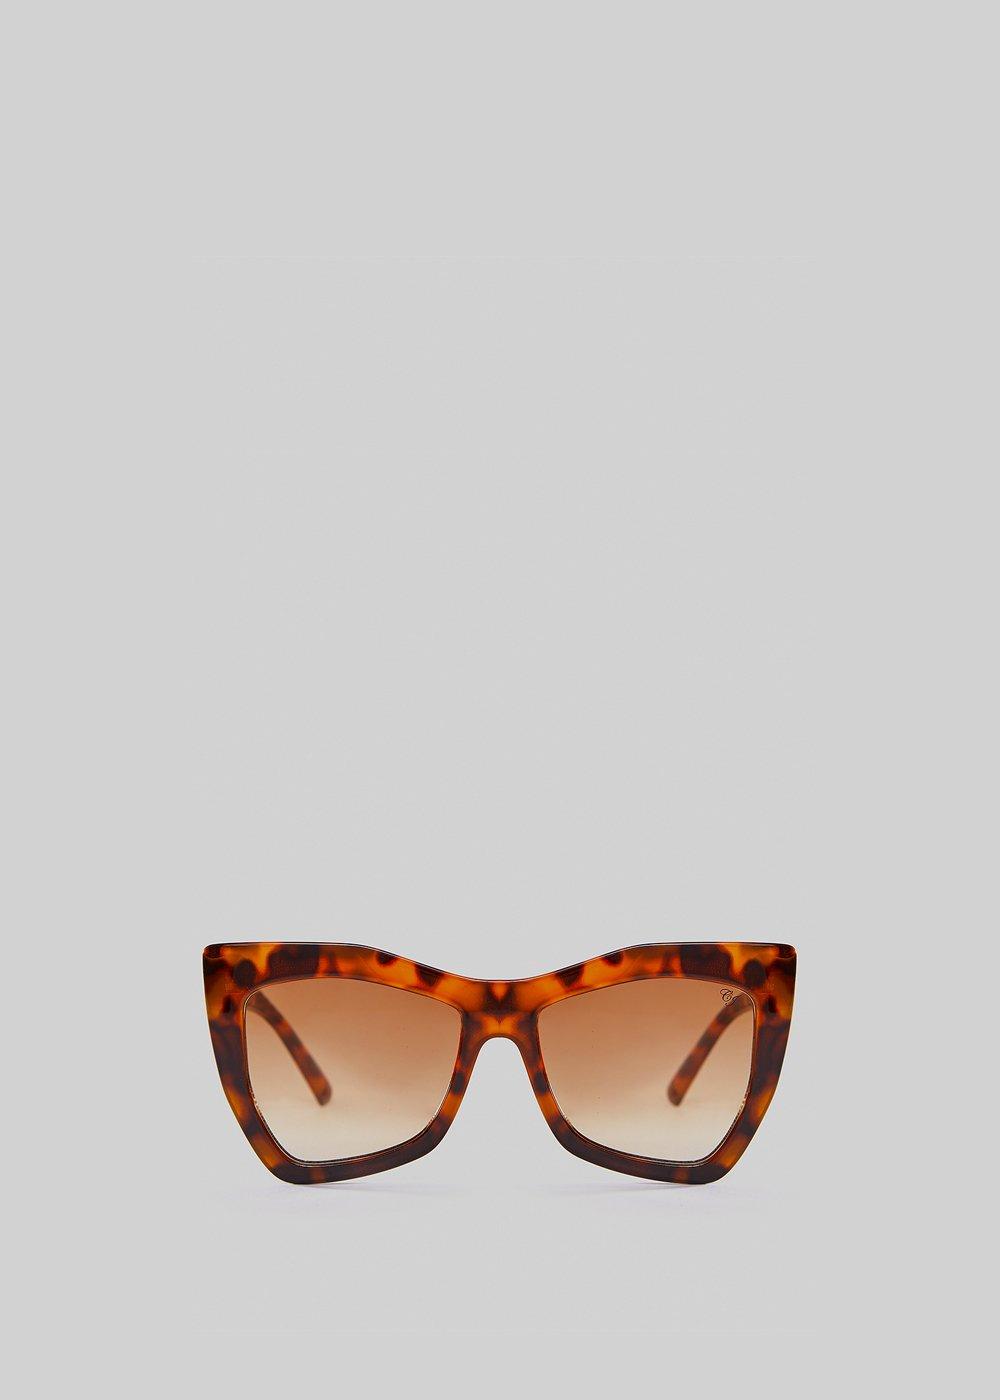 Cat-eye sunglasses SRP 280 - Baguette Animalier